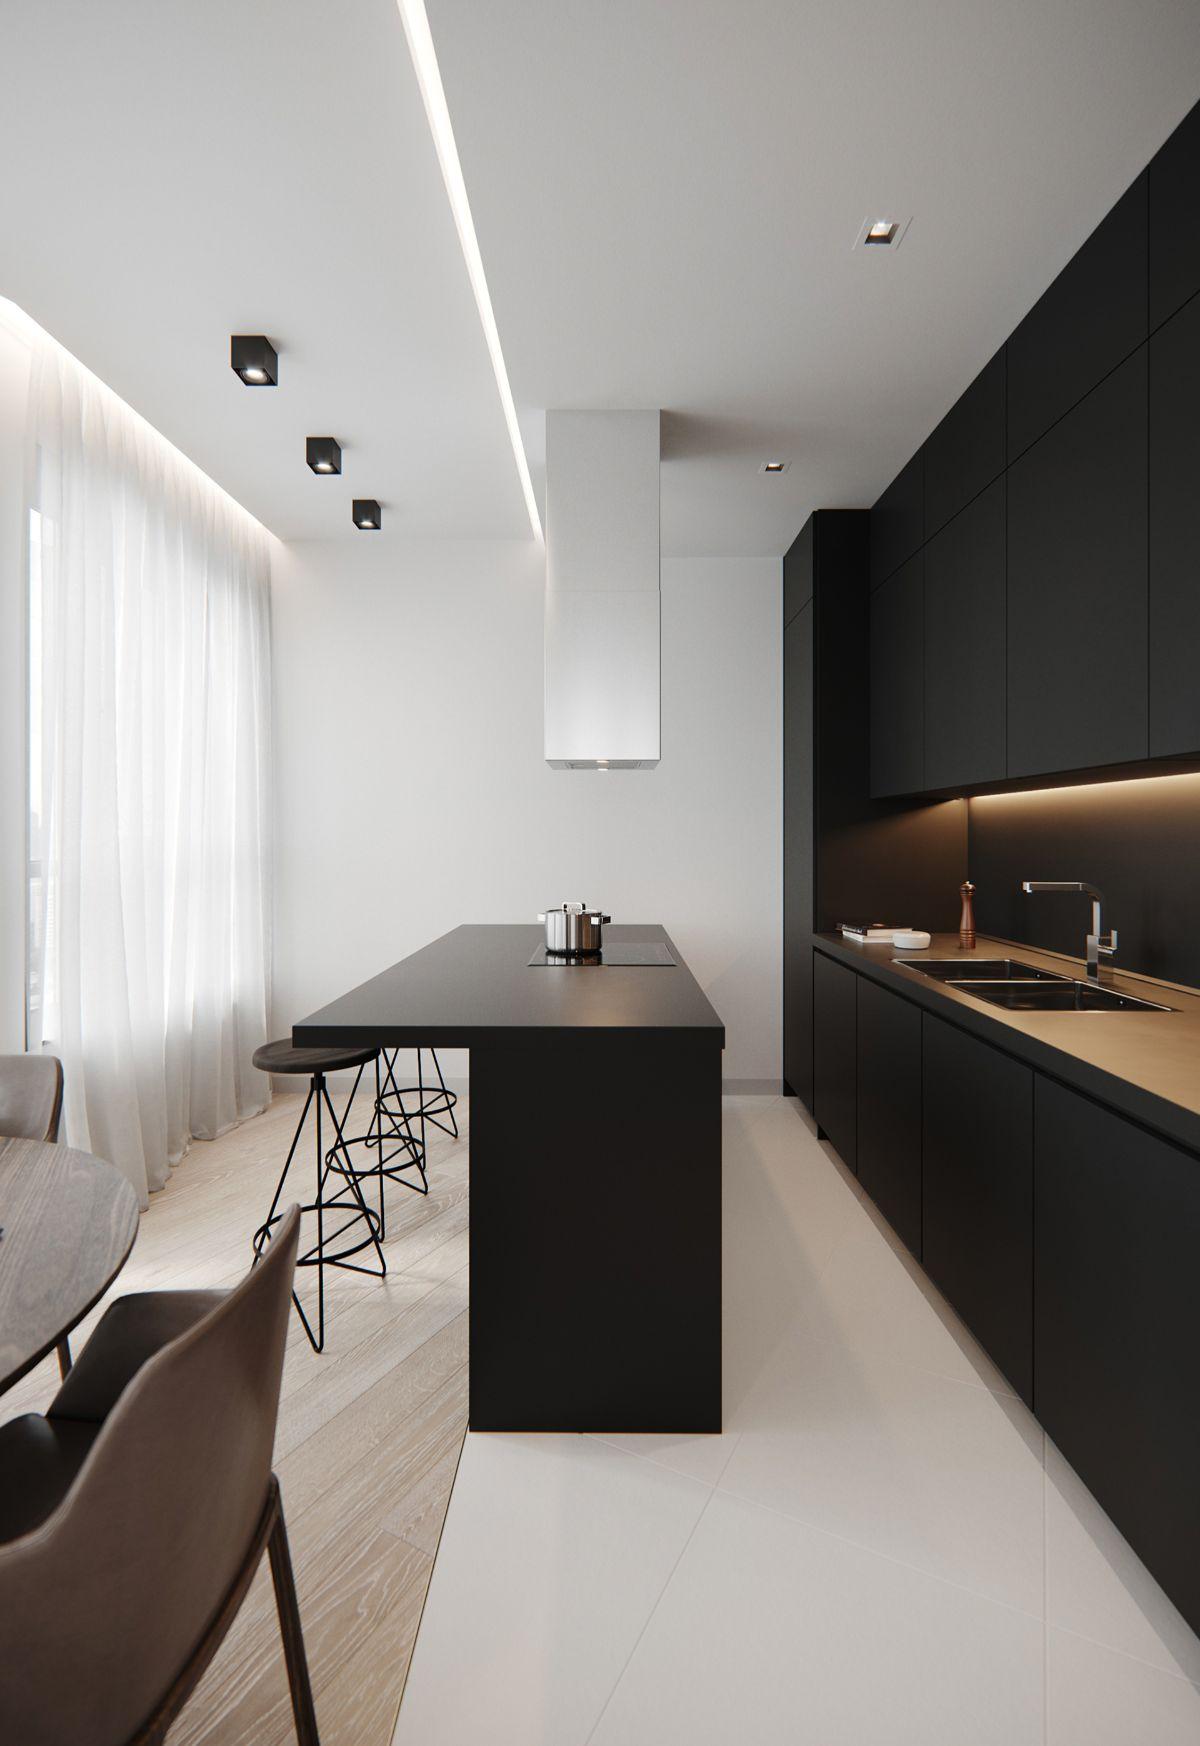 дизайн узкой кухни в чёрном цвете